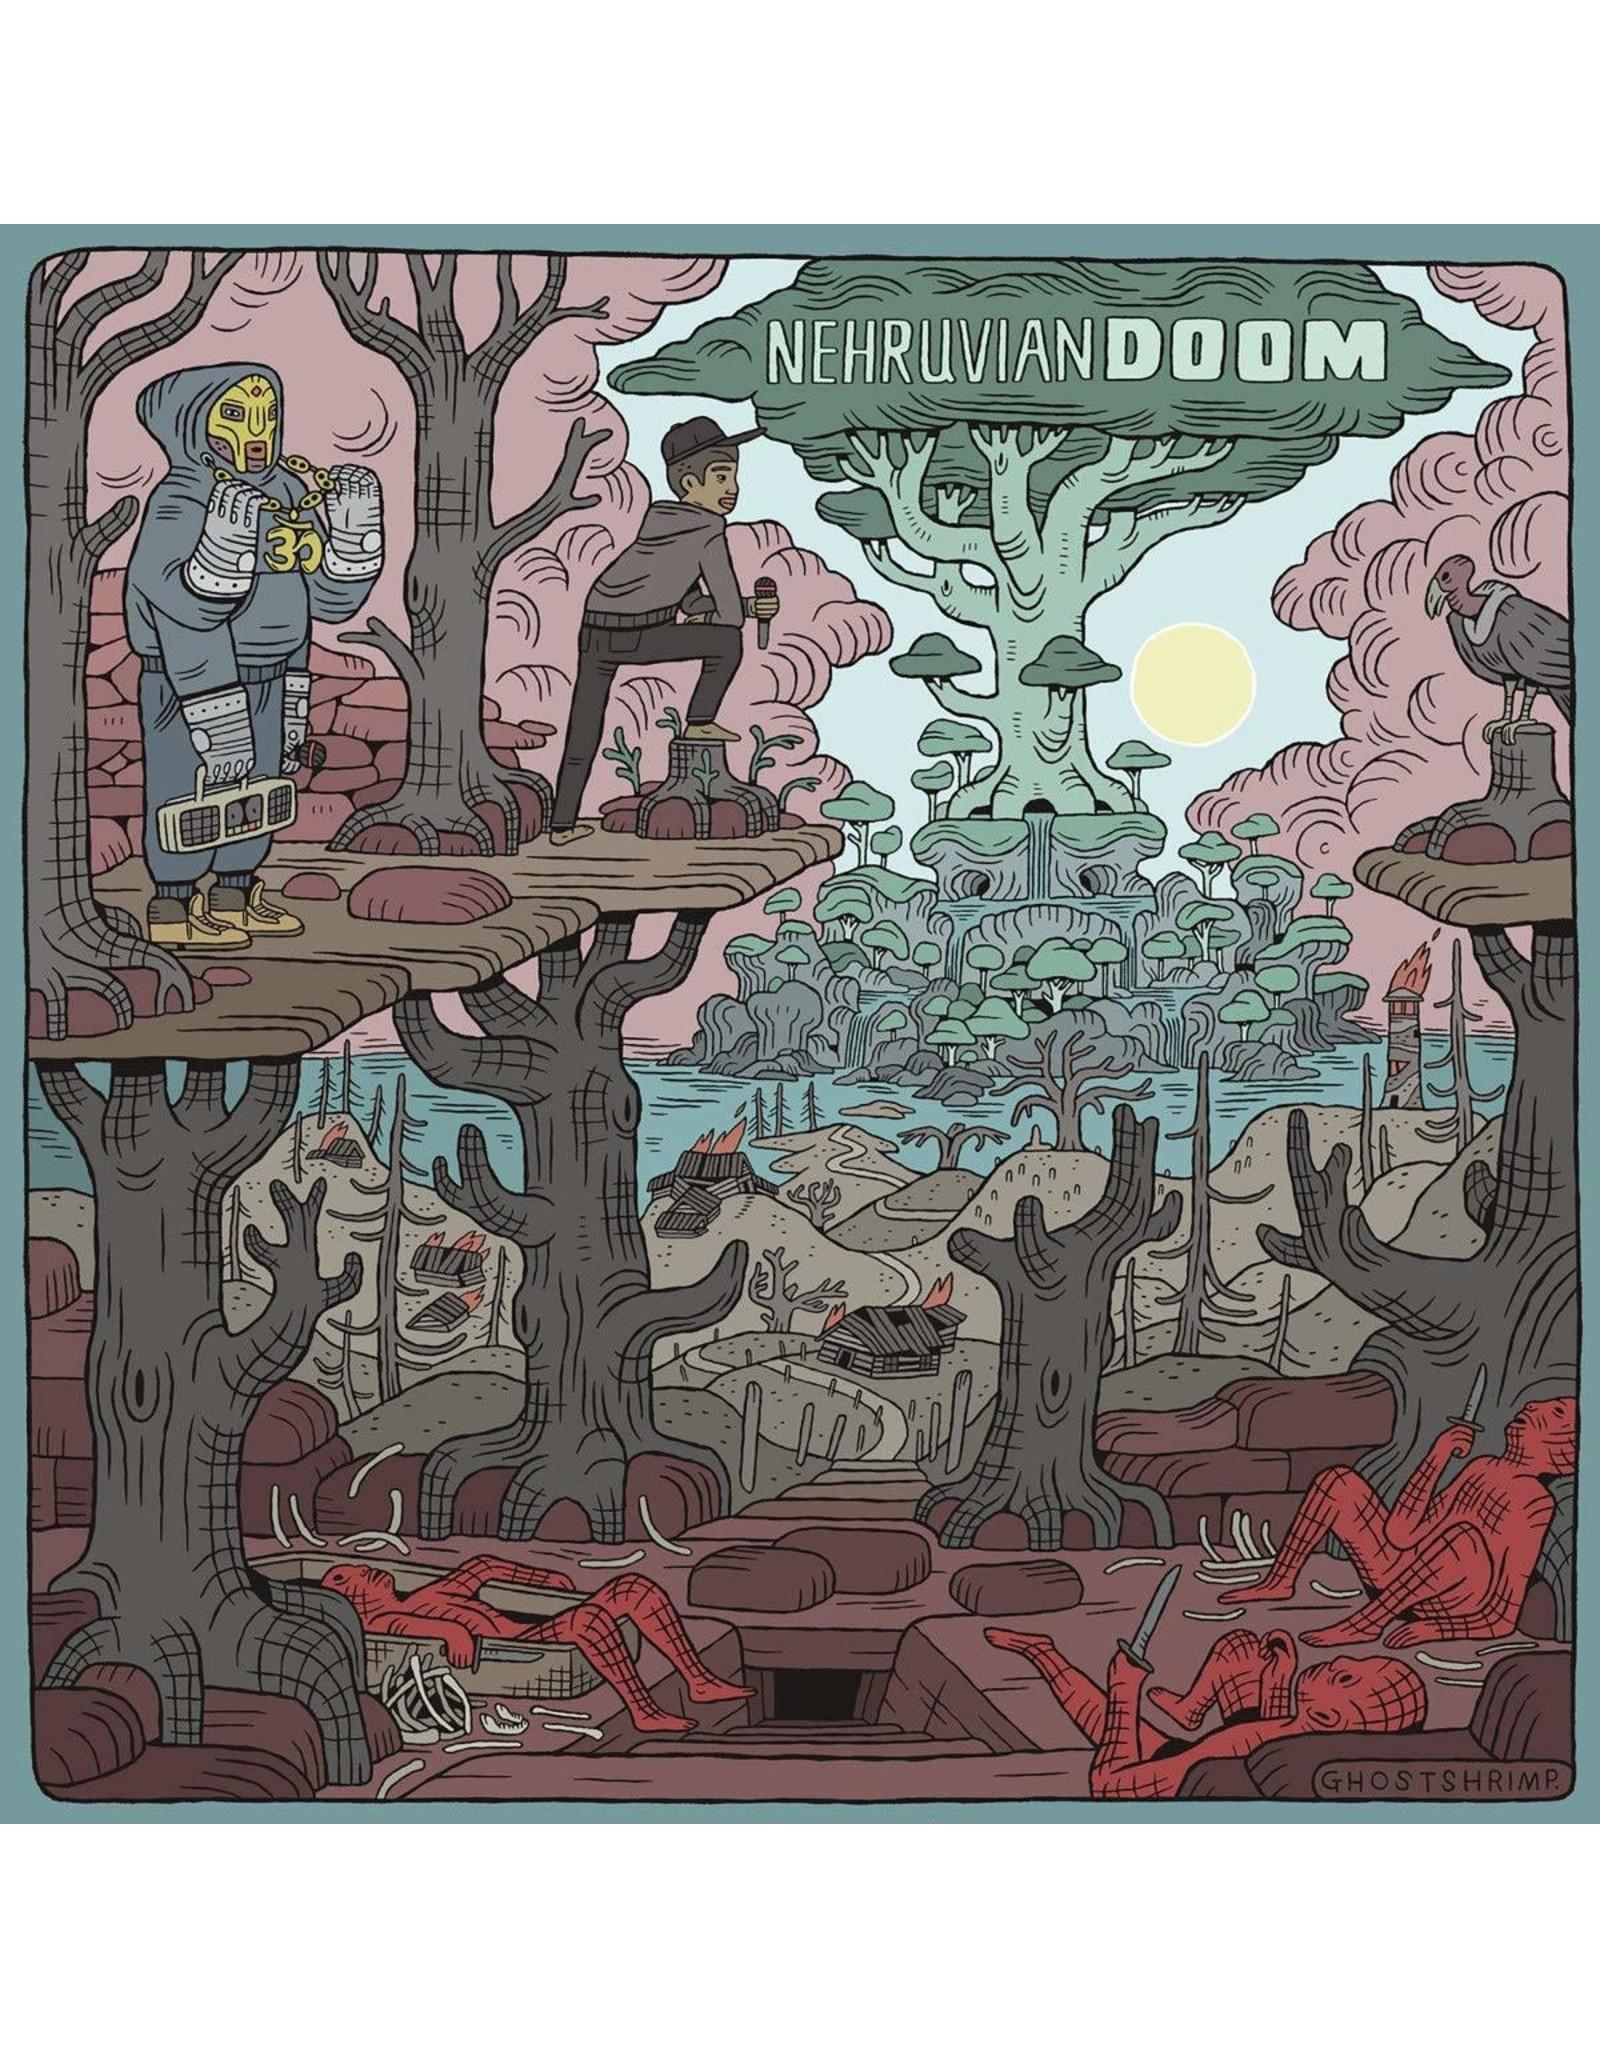 New Vinyl Bishop Nehru & MF DOOM - NehruvianDOOM LP